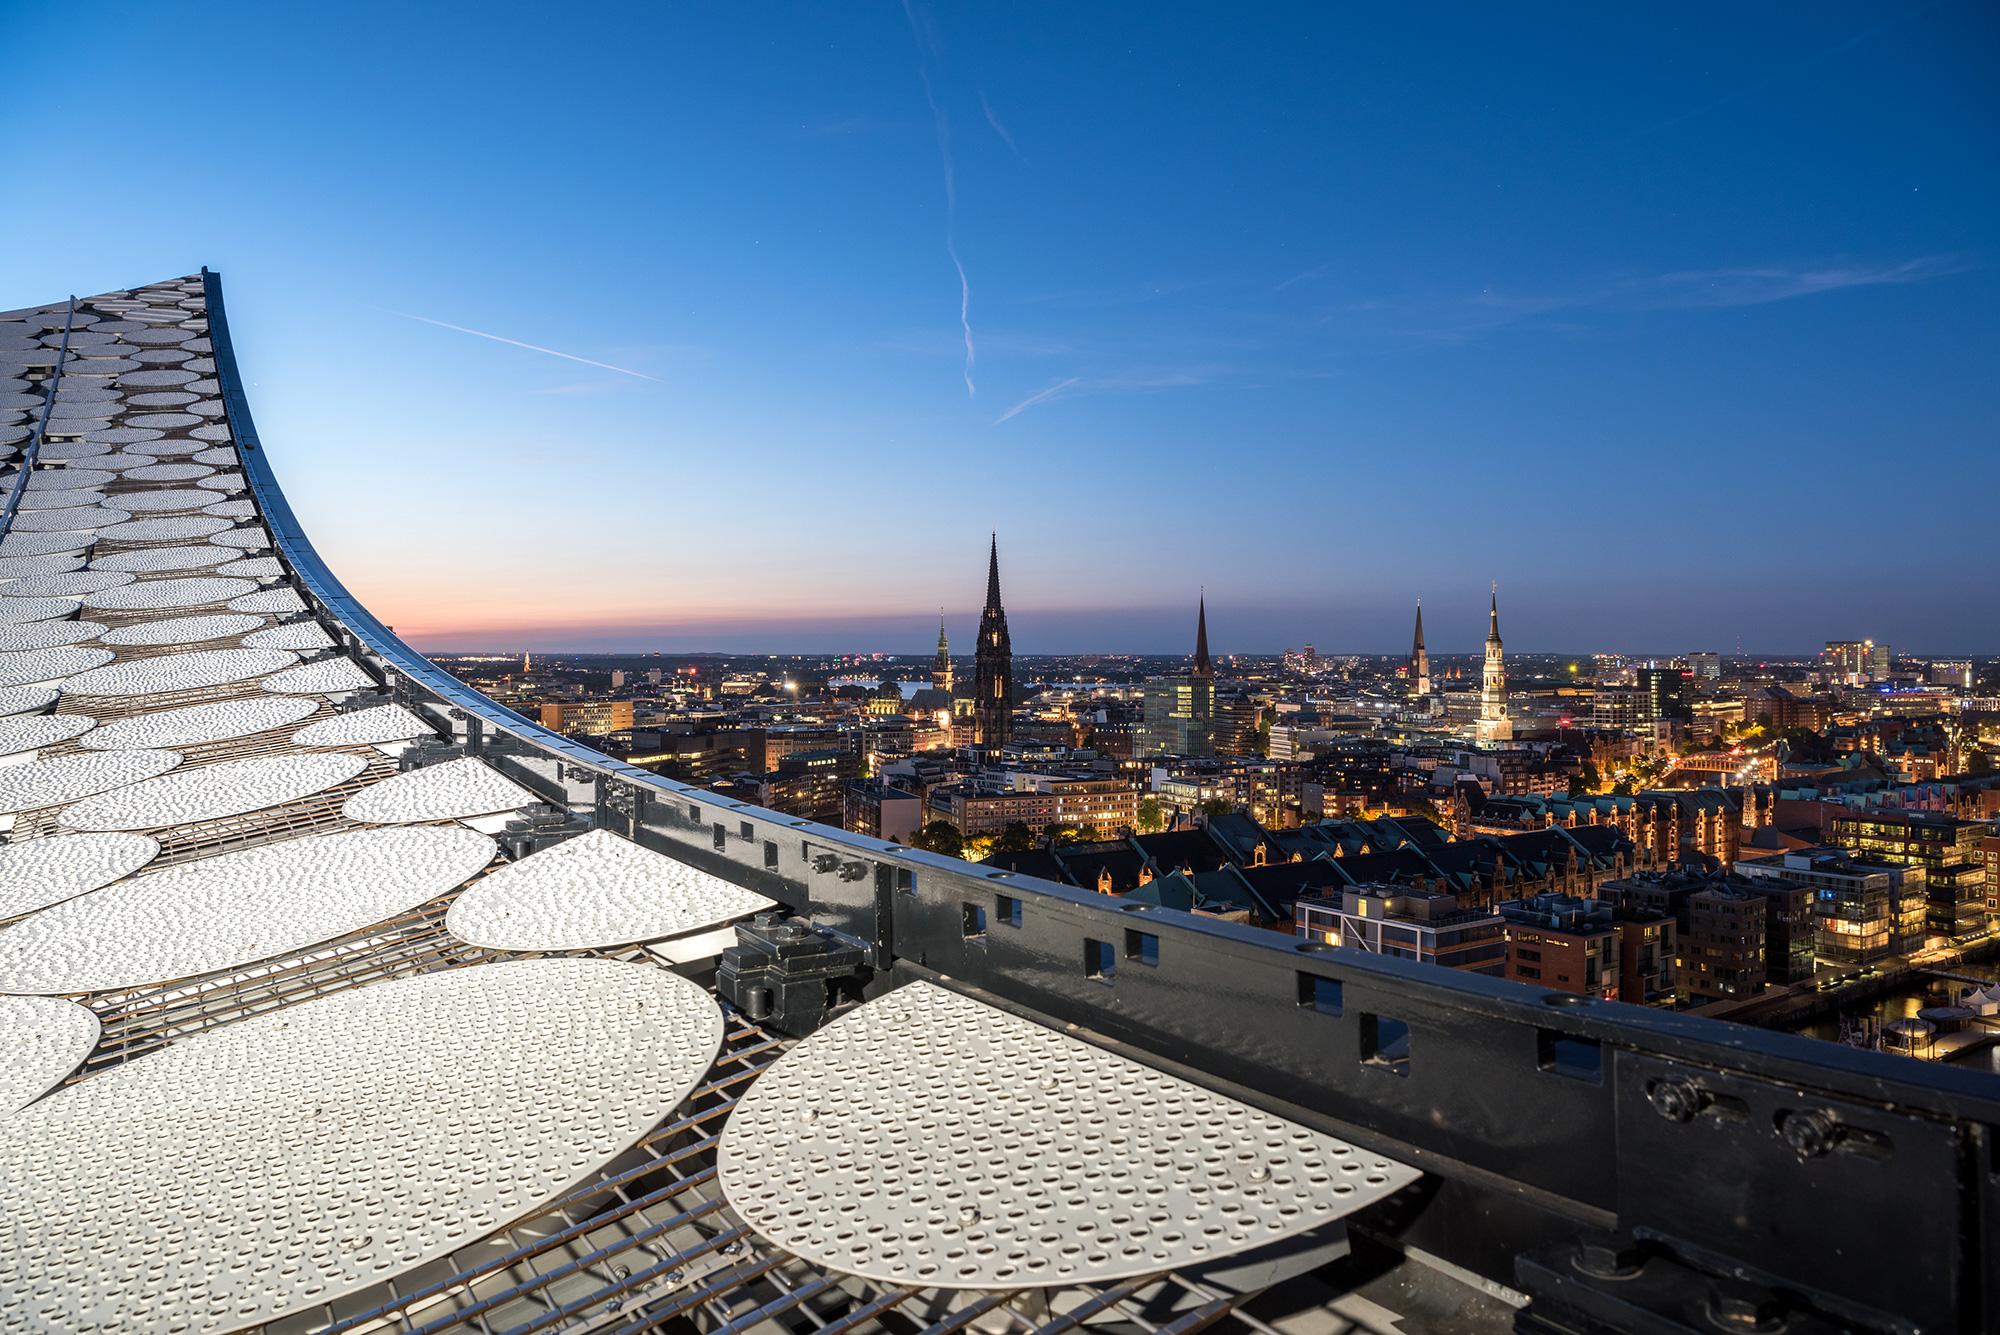 Blick vom Dach der Elbphilharmonie Hamburg